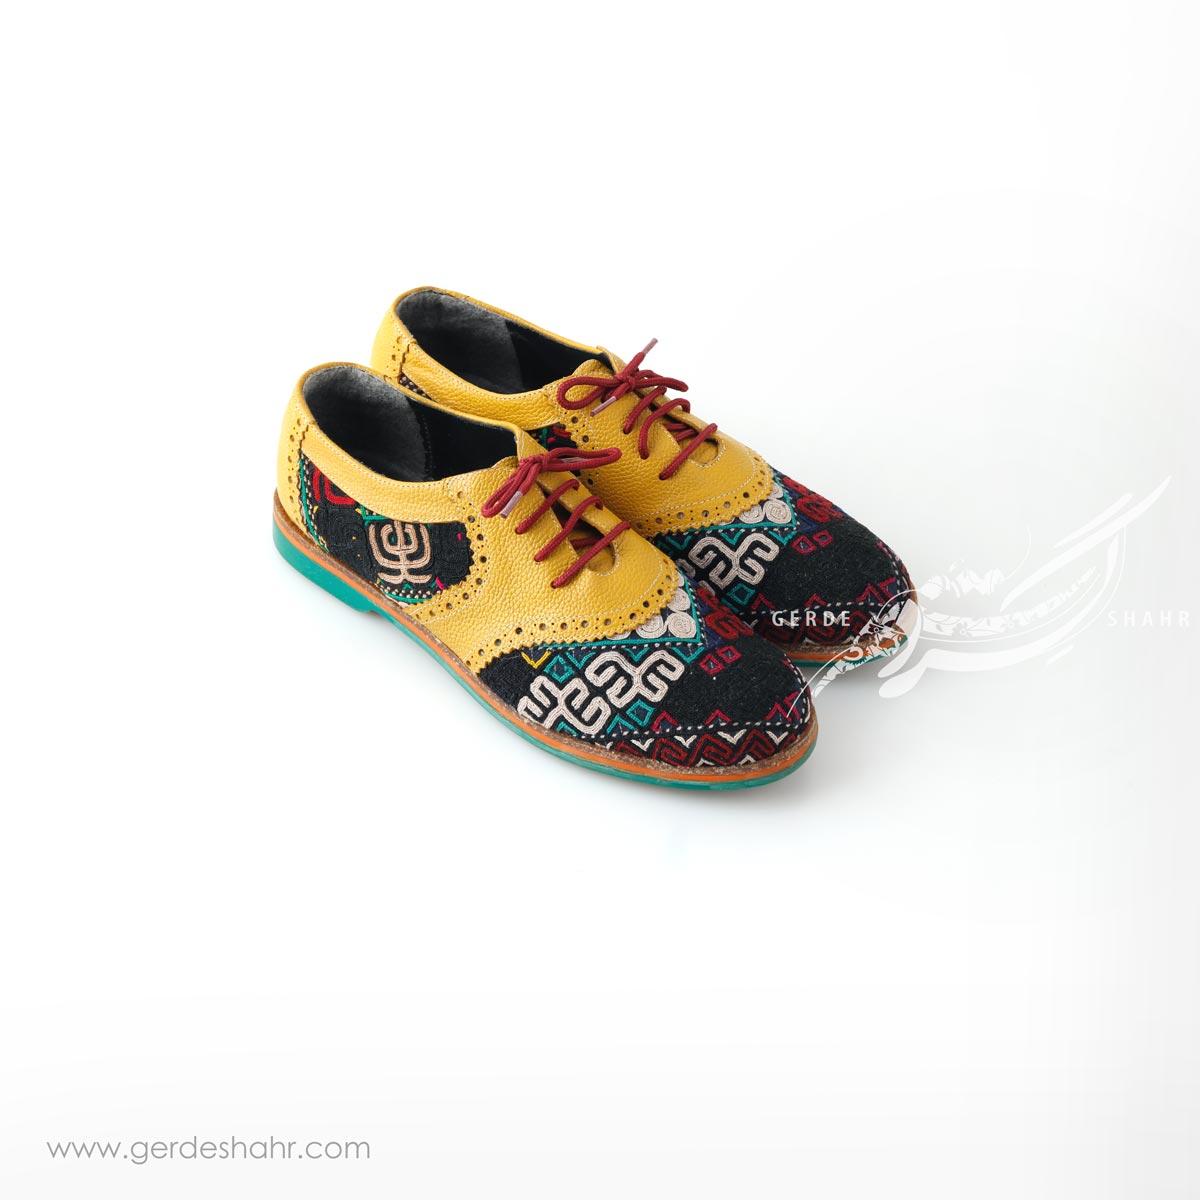 کفش دست دوز زرد سوزندوزی ترکمن 2 سایز 38 چاوان گنجه رخت